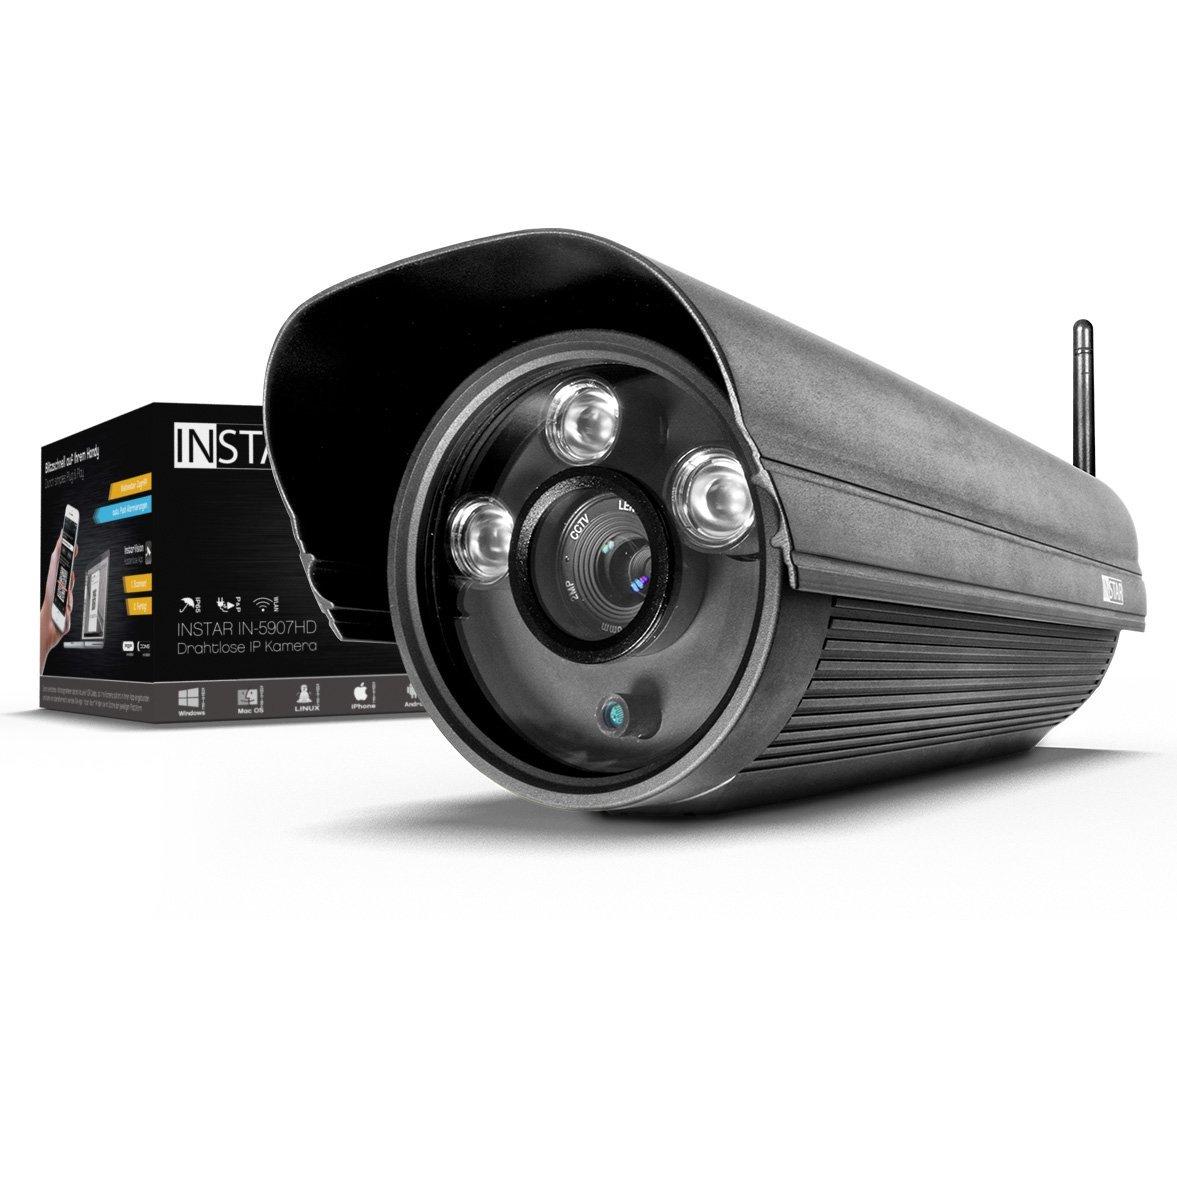 INSTAR IN-5907HD Wlan IP Kamera / HD Sicherheitskamera für Außen / IP Cam mit LAN & Wlan / Wifi für Outdoor (3 HighPower IR LEDs, Infrarot Nachtsicht, Wetterfest, SD Karte, Bewegungserkennung, Aufnahme, WDR) schwarz [Amazon Blitzangebot]